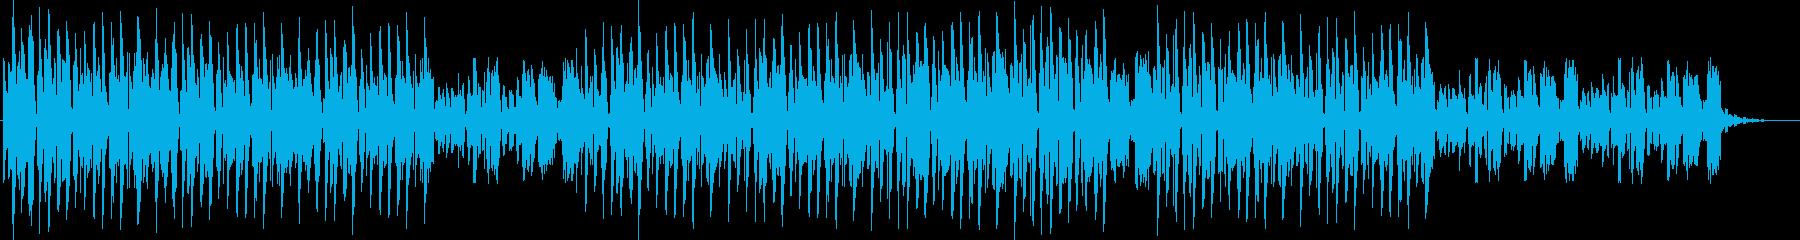 うねりのあるシンセベースが癖になるテクノの再生済みの波形